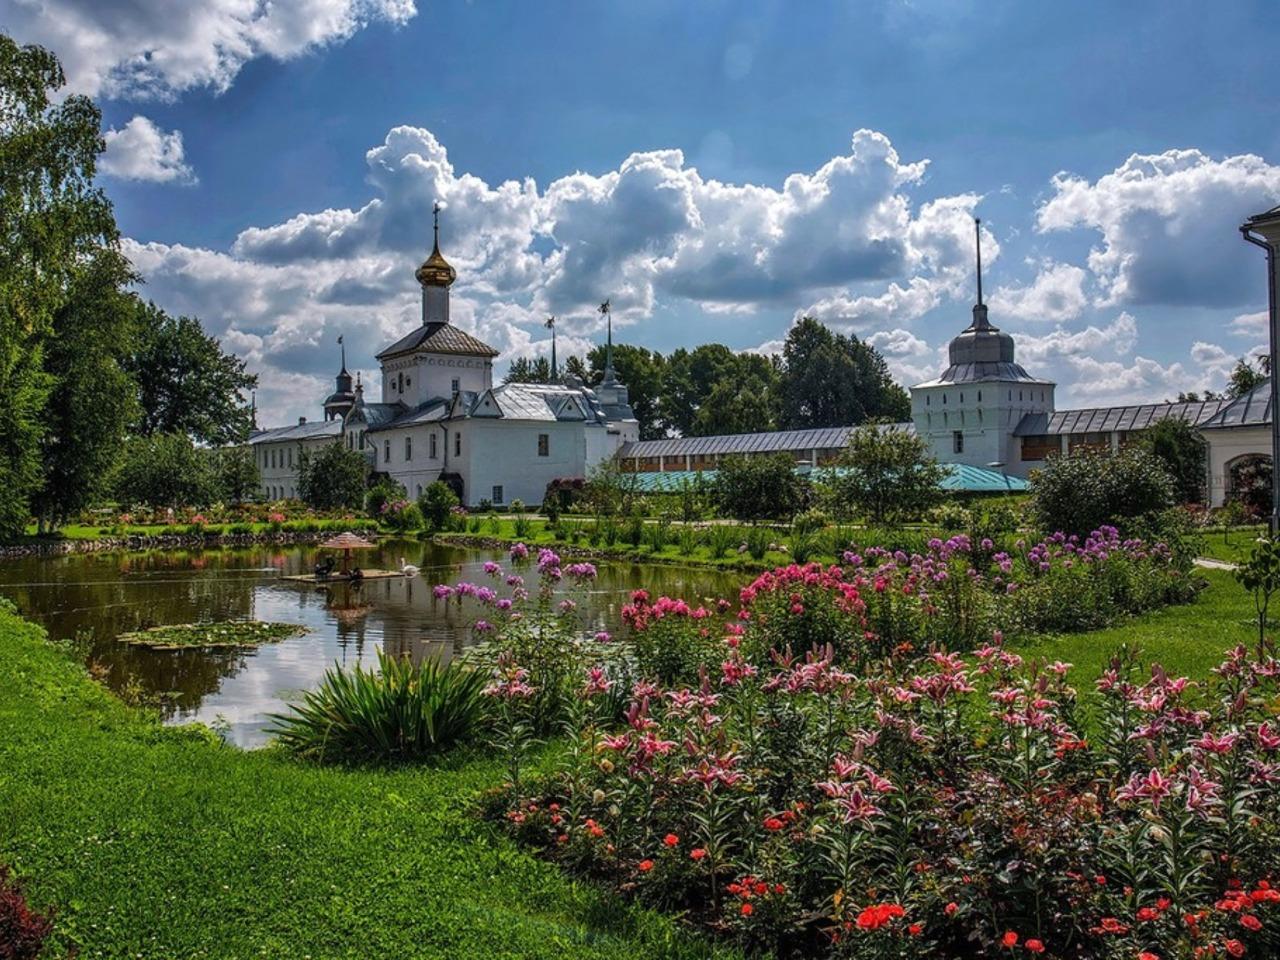 В ярославский Толгский монастырь - индивидуальная экскурсия в Ярославле от опытного гида